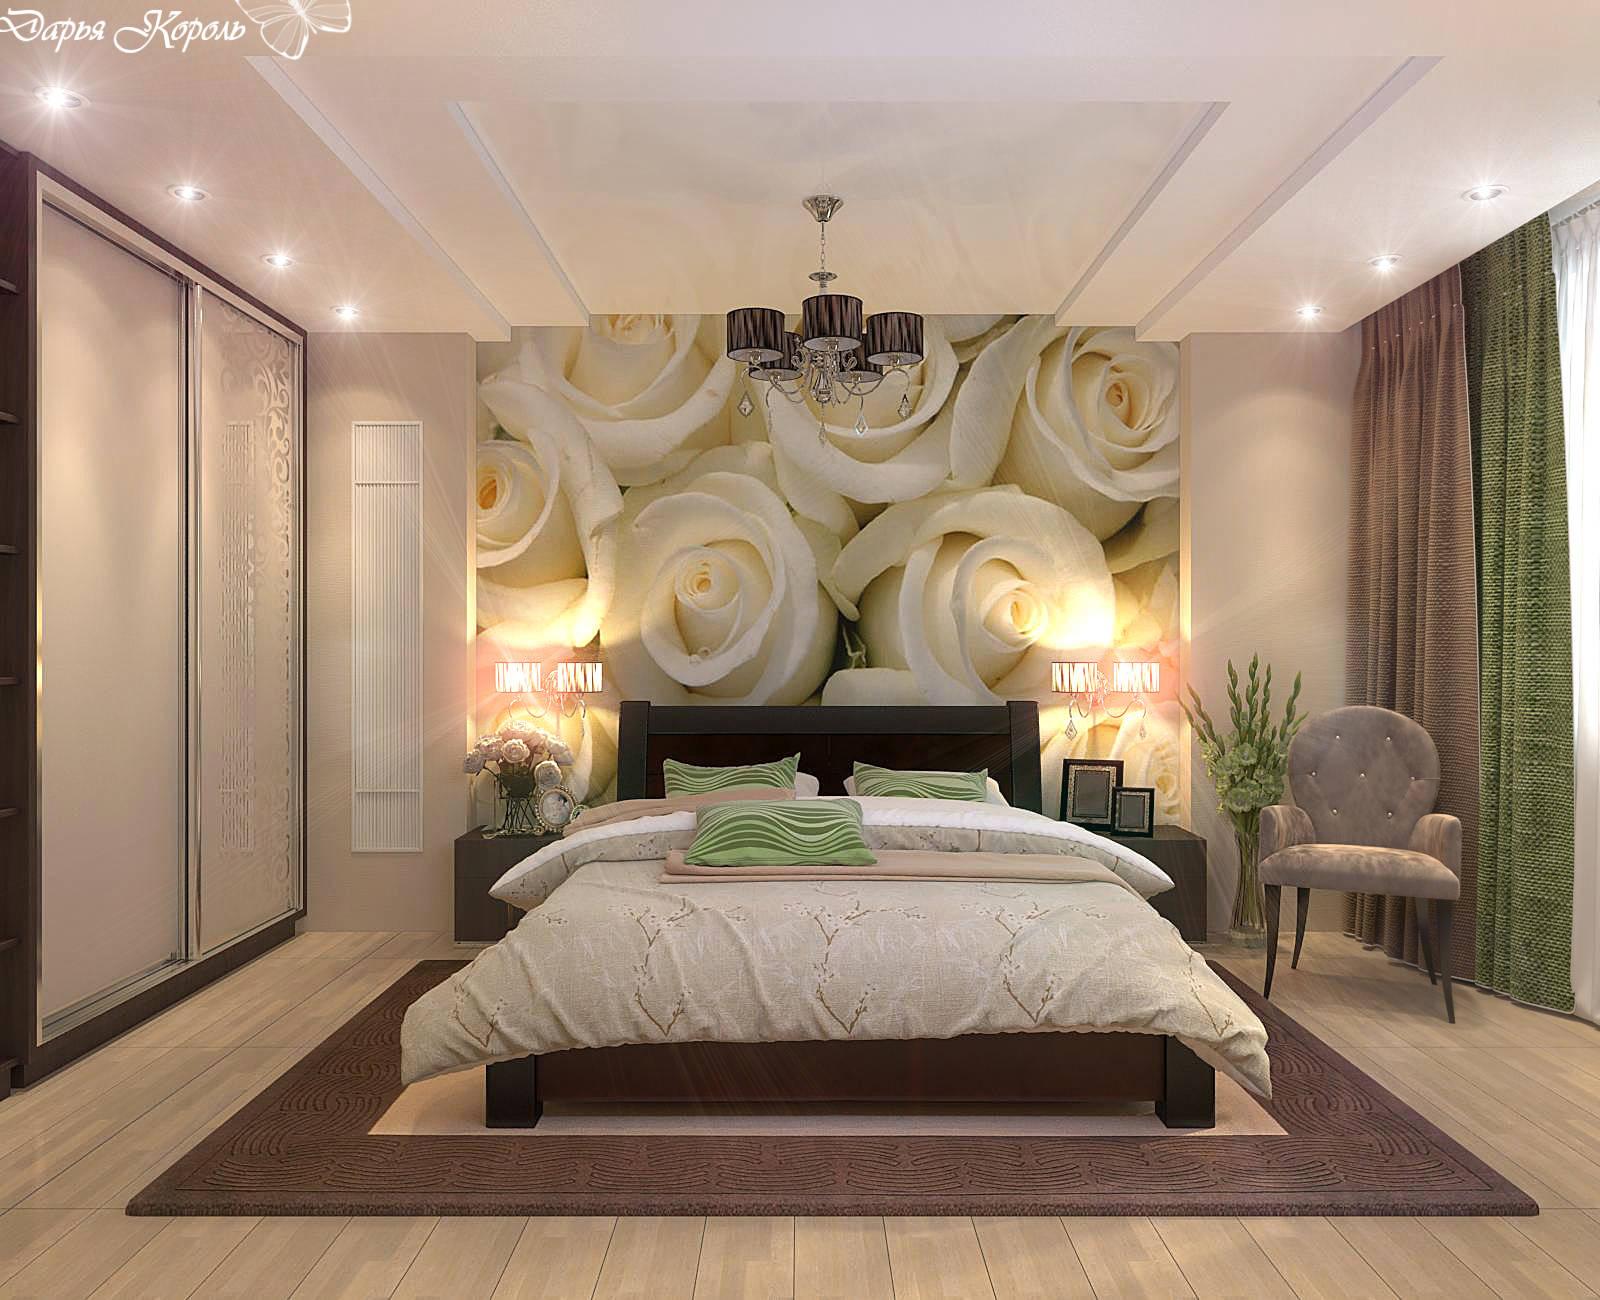 Дизайн спальни с